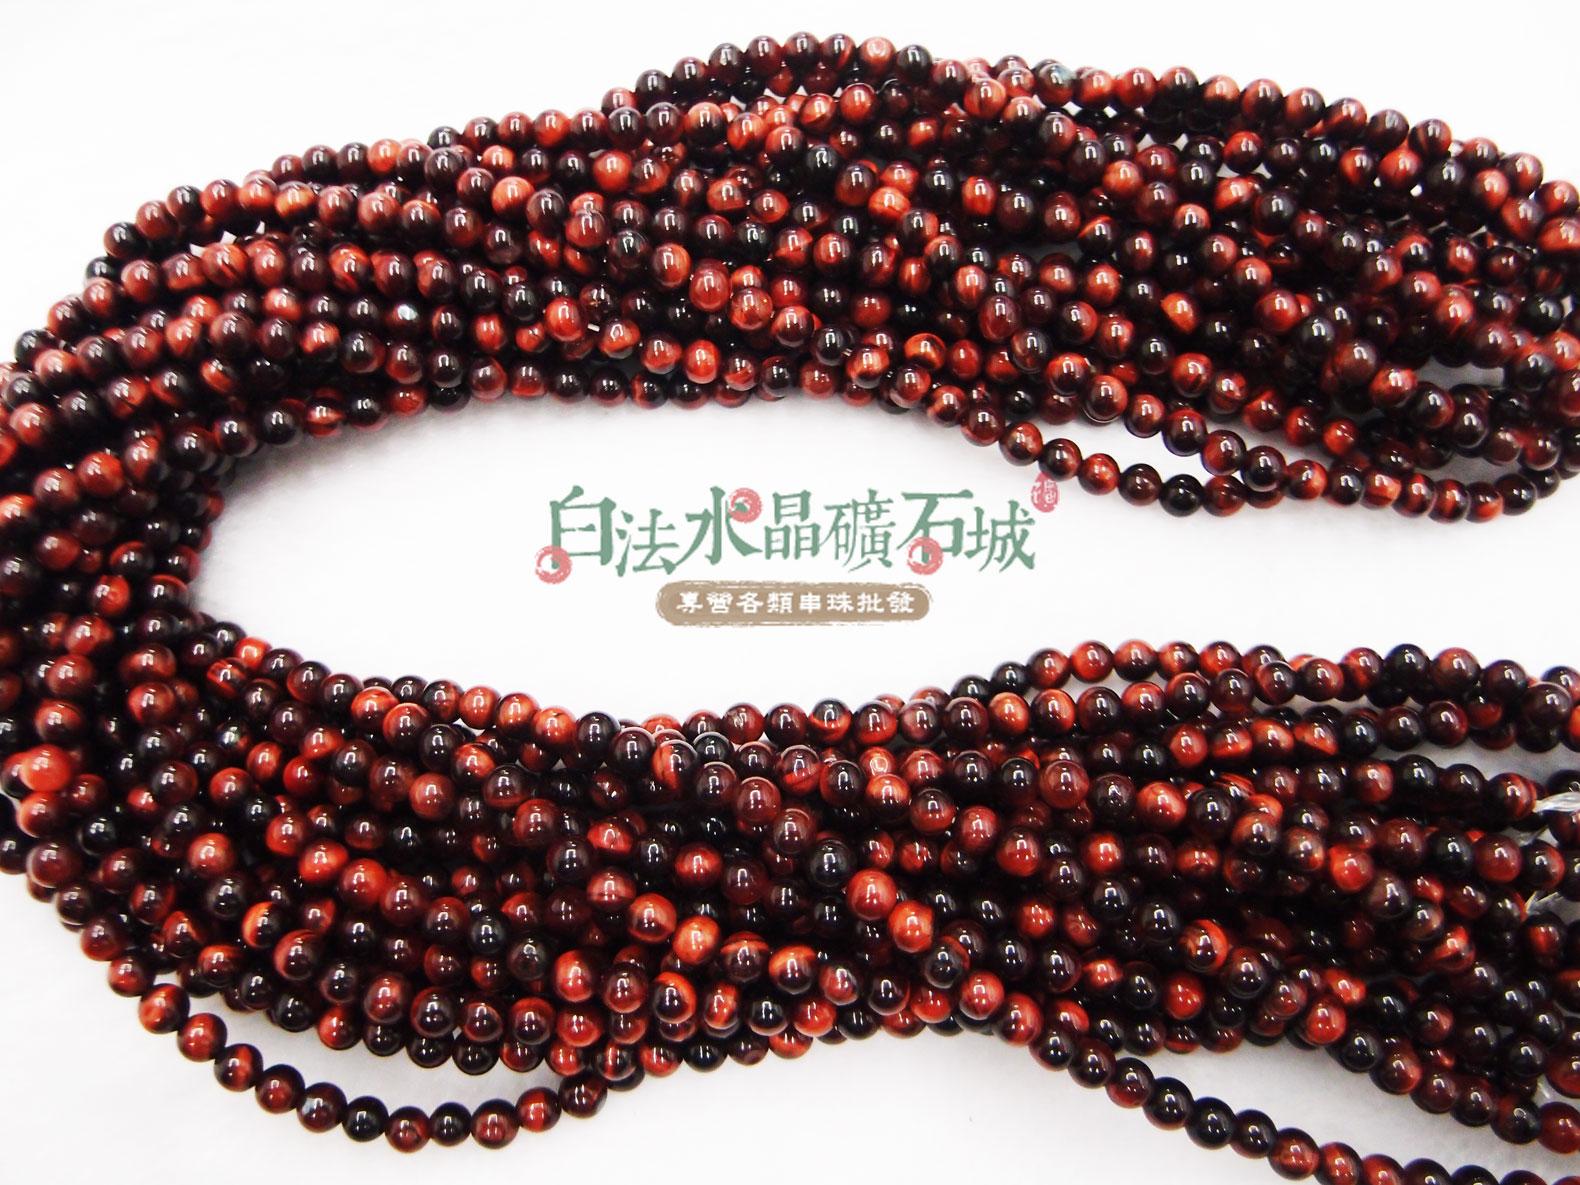 白法水晶礦石城 南非 天然- 紅虎眼石 4mm 礦質 -珠子顏色漂亮 - 串珠/條珠 首飾材料